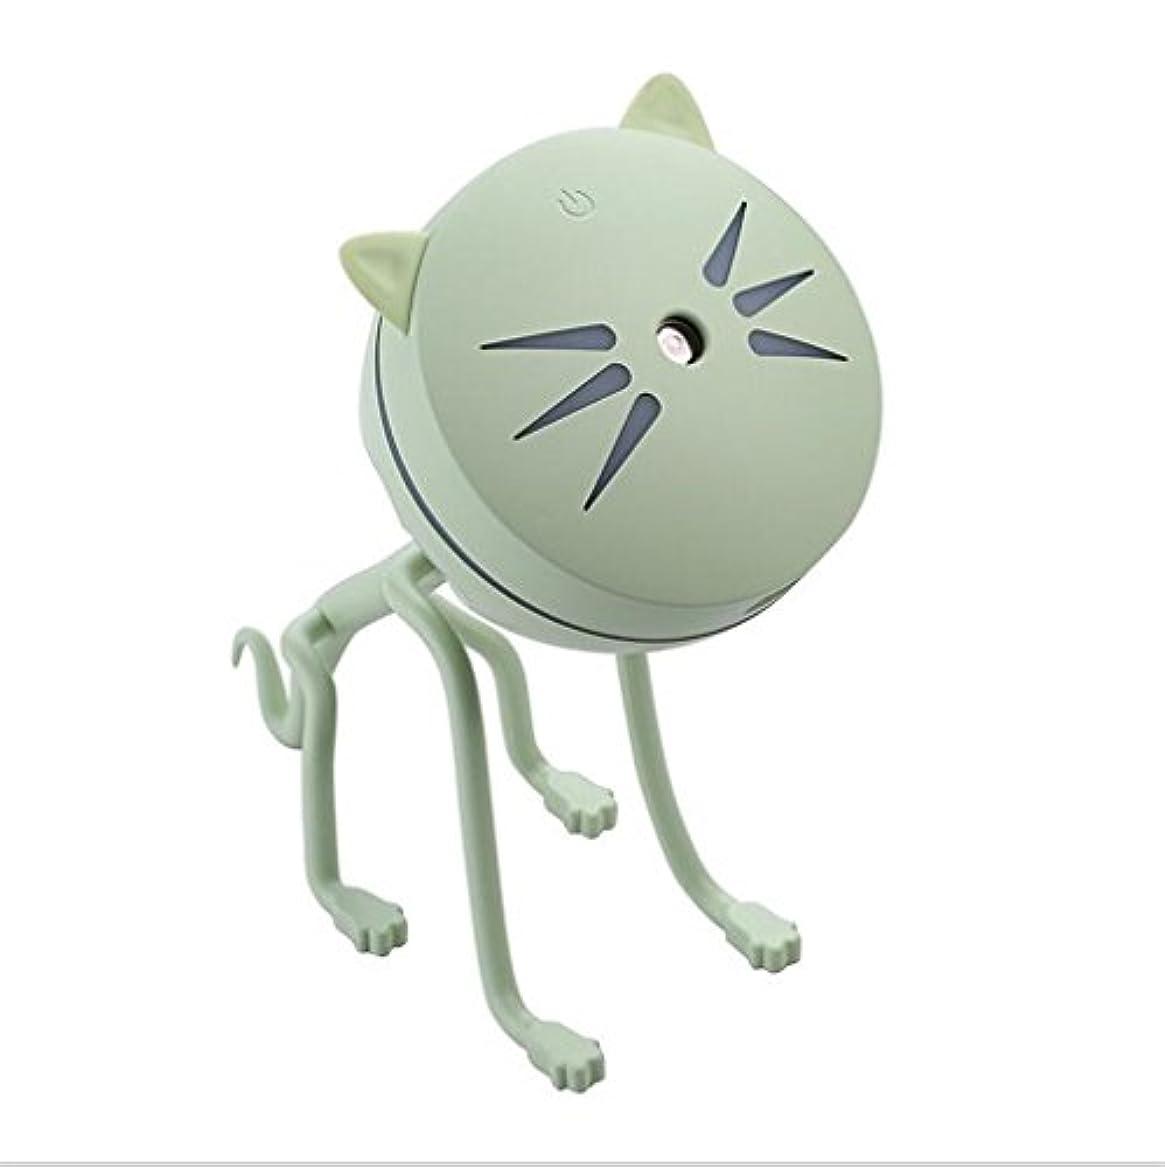 探偵圧縮する遅いMini USB加湿器、150Mlクールミストアロマエッセンシャルオイルディフューザー空気清浄機加湿器、寝室のオフィス、車のための水無しオートシャットオフ機能